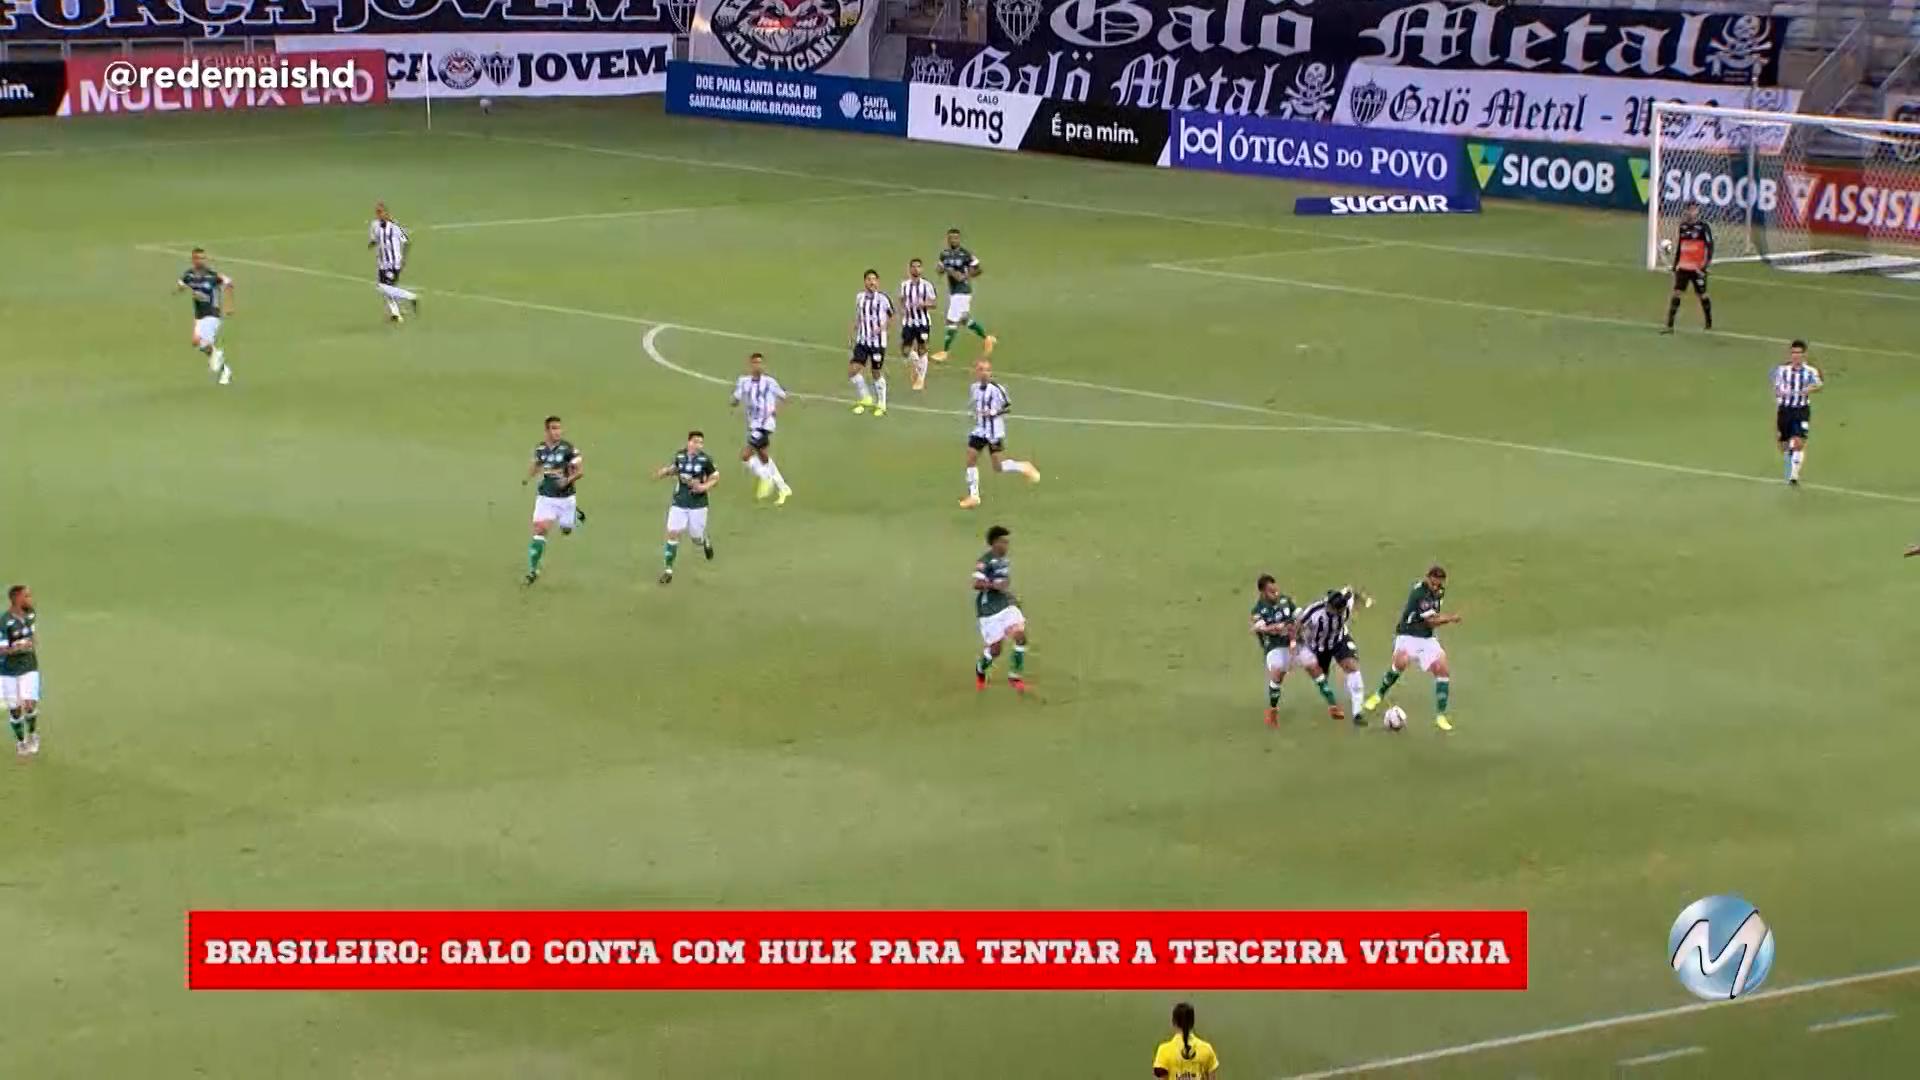 Galo e Cruzeiro em campo hoje